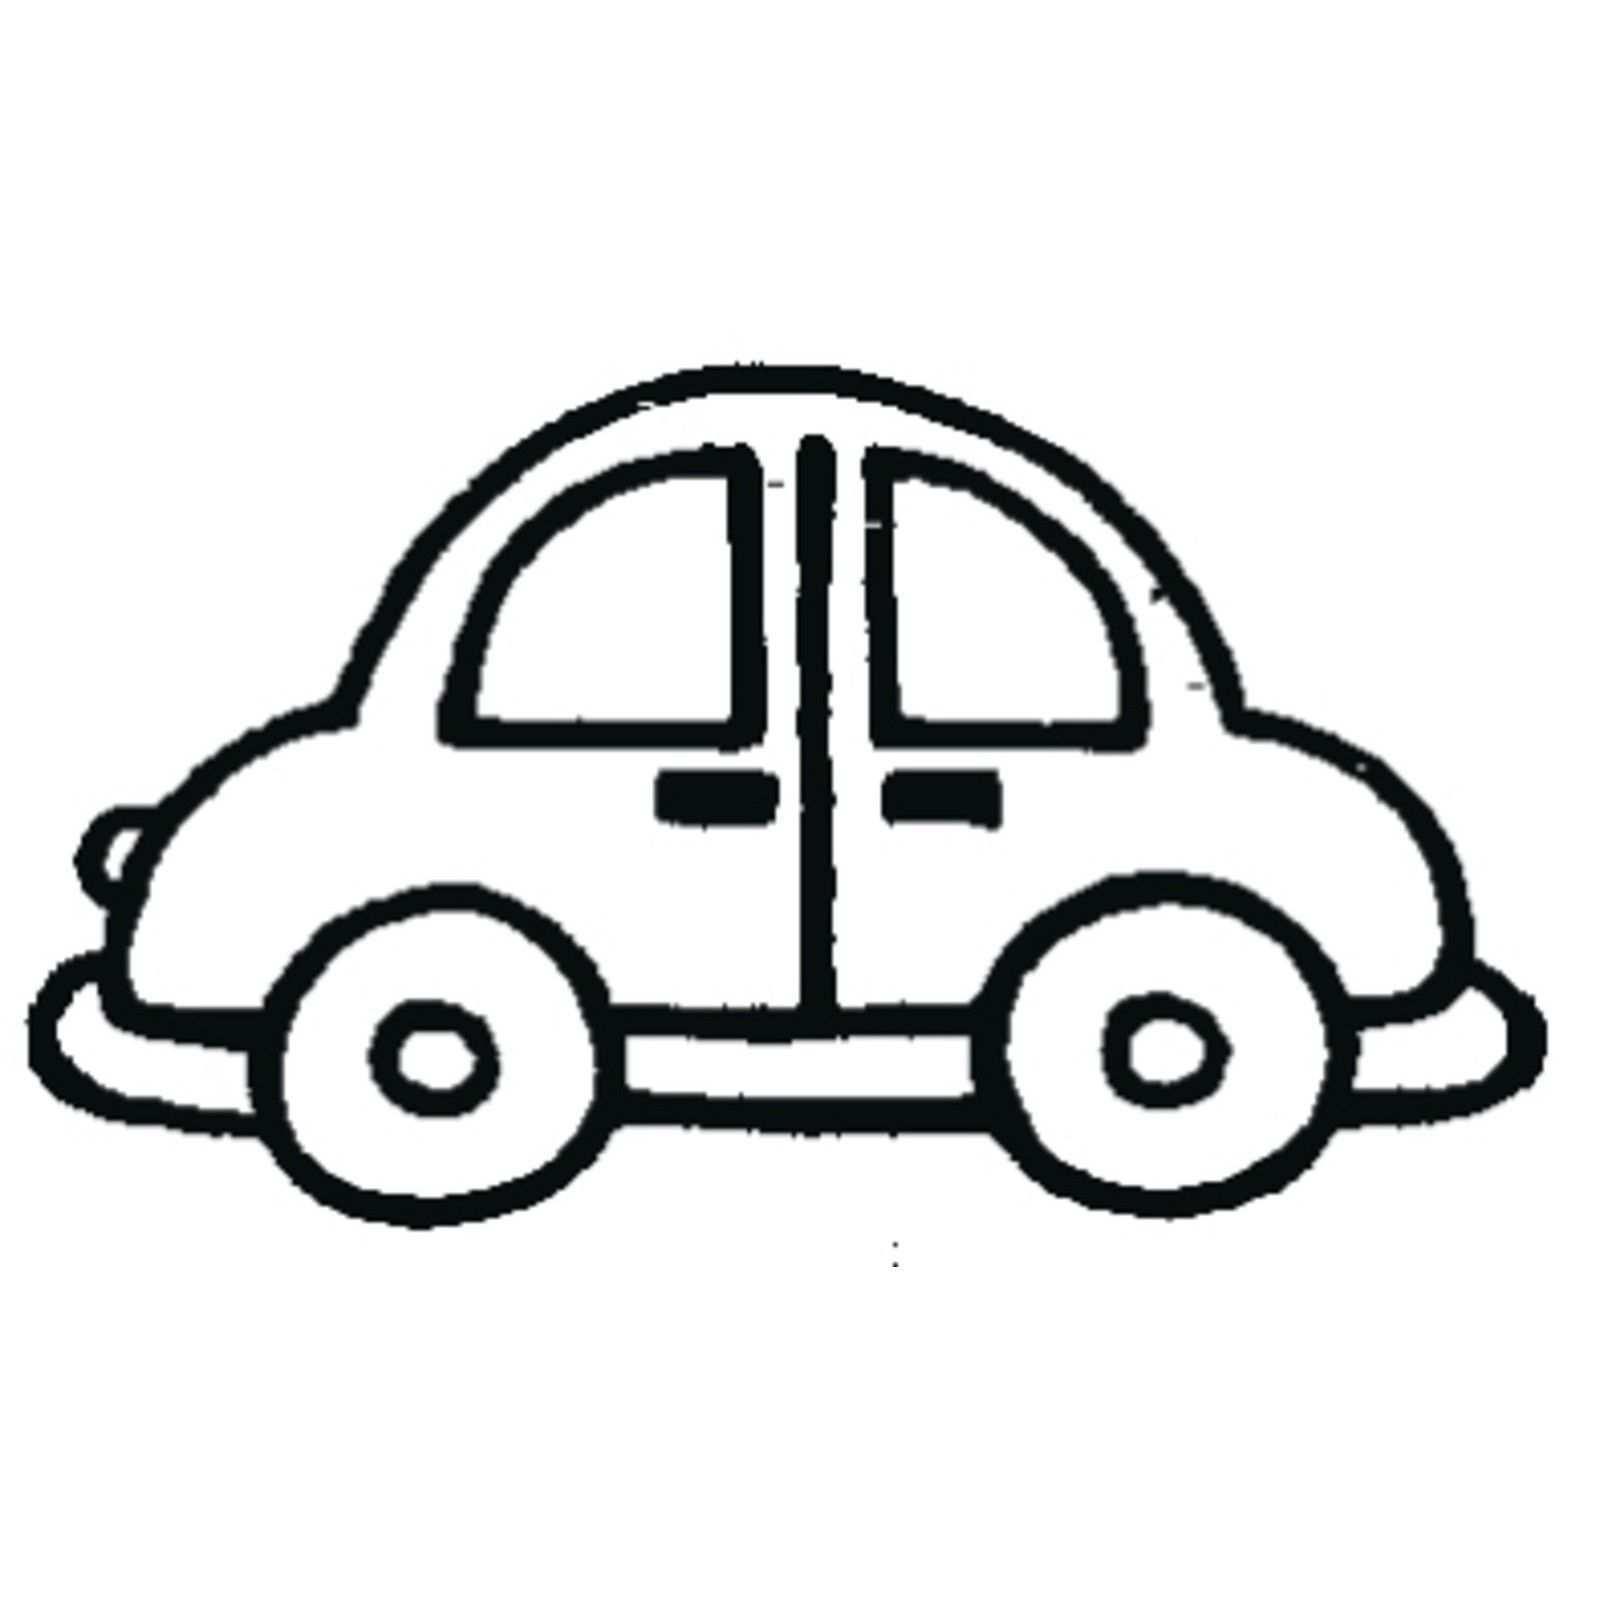 Afbeeldingsresultaat Voor Kleurplaat Auto Peuter Symbolen Stempelen Kleuterklas